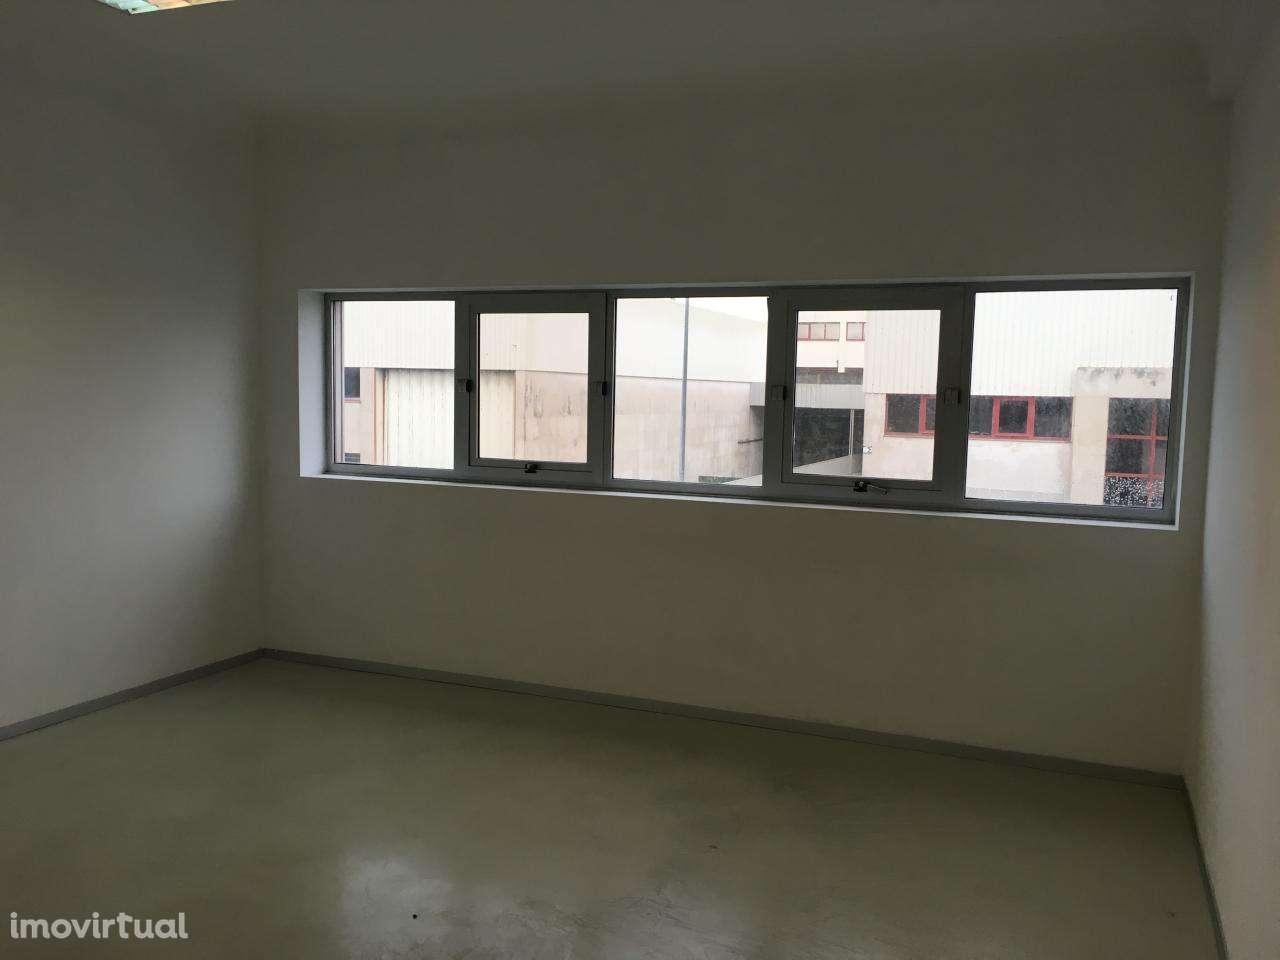 Armazém para arrendar, Moreira, Maia, Porto - Foto 6